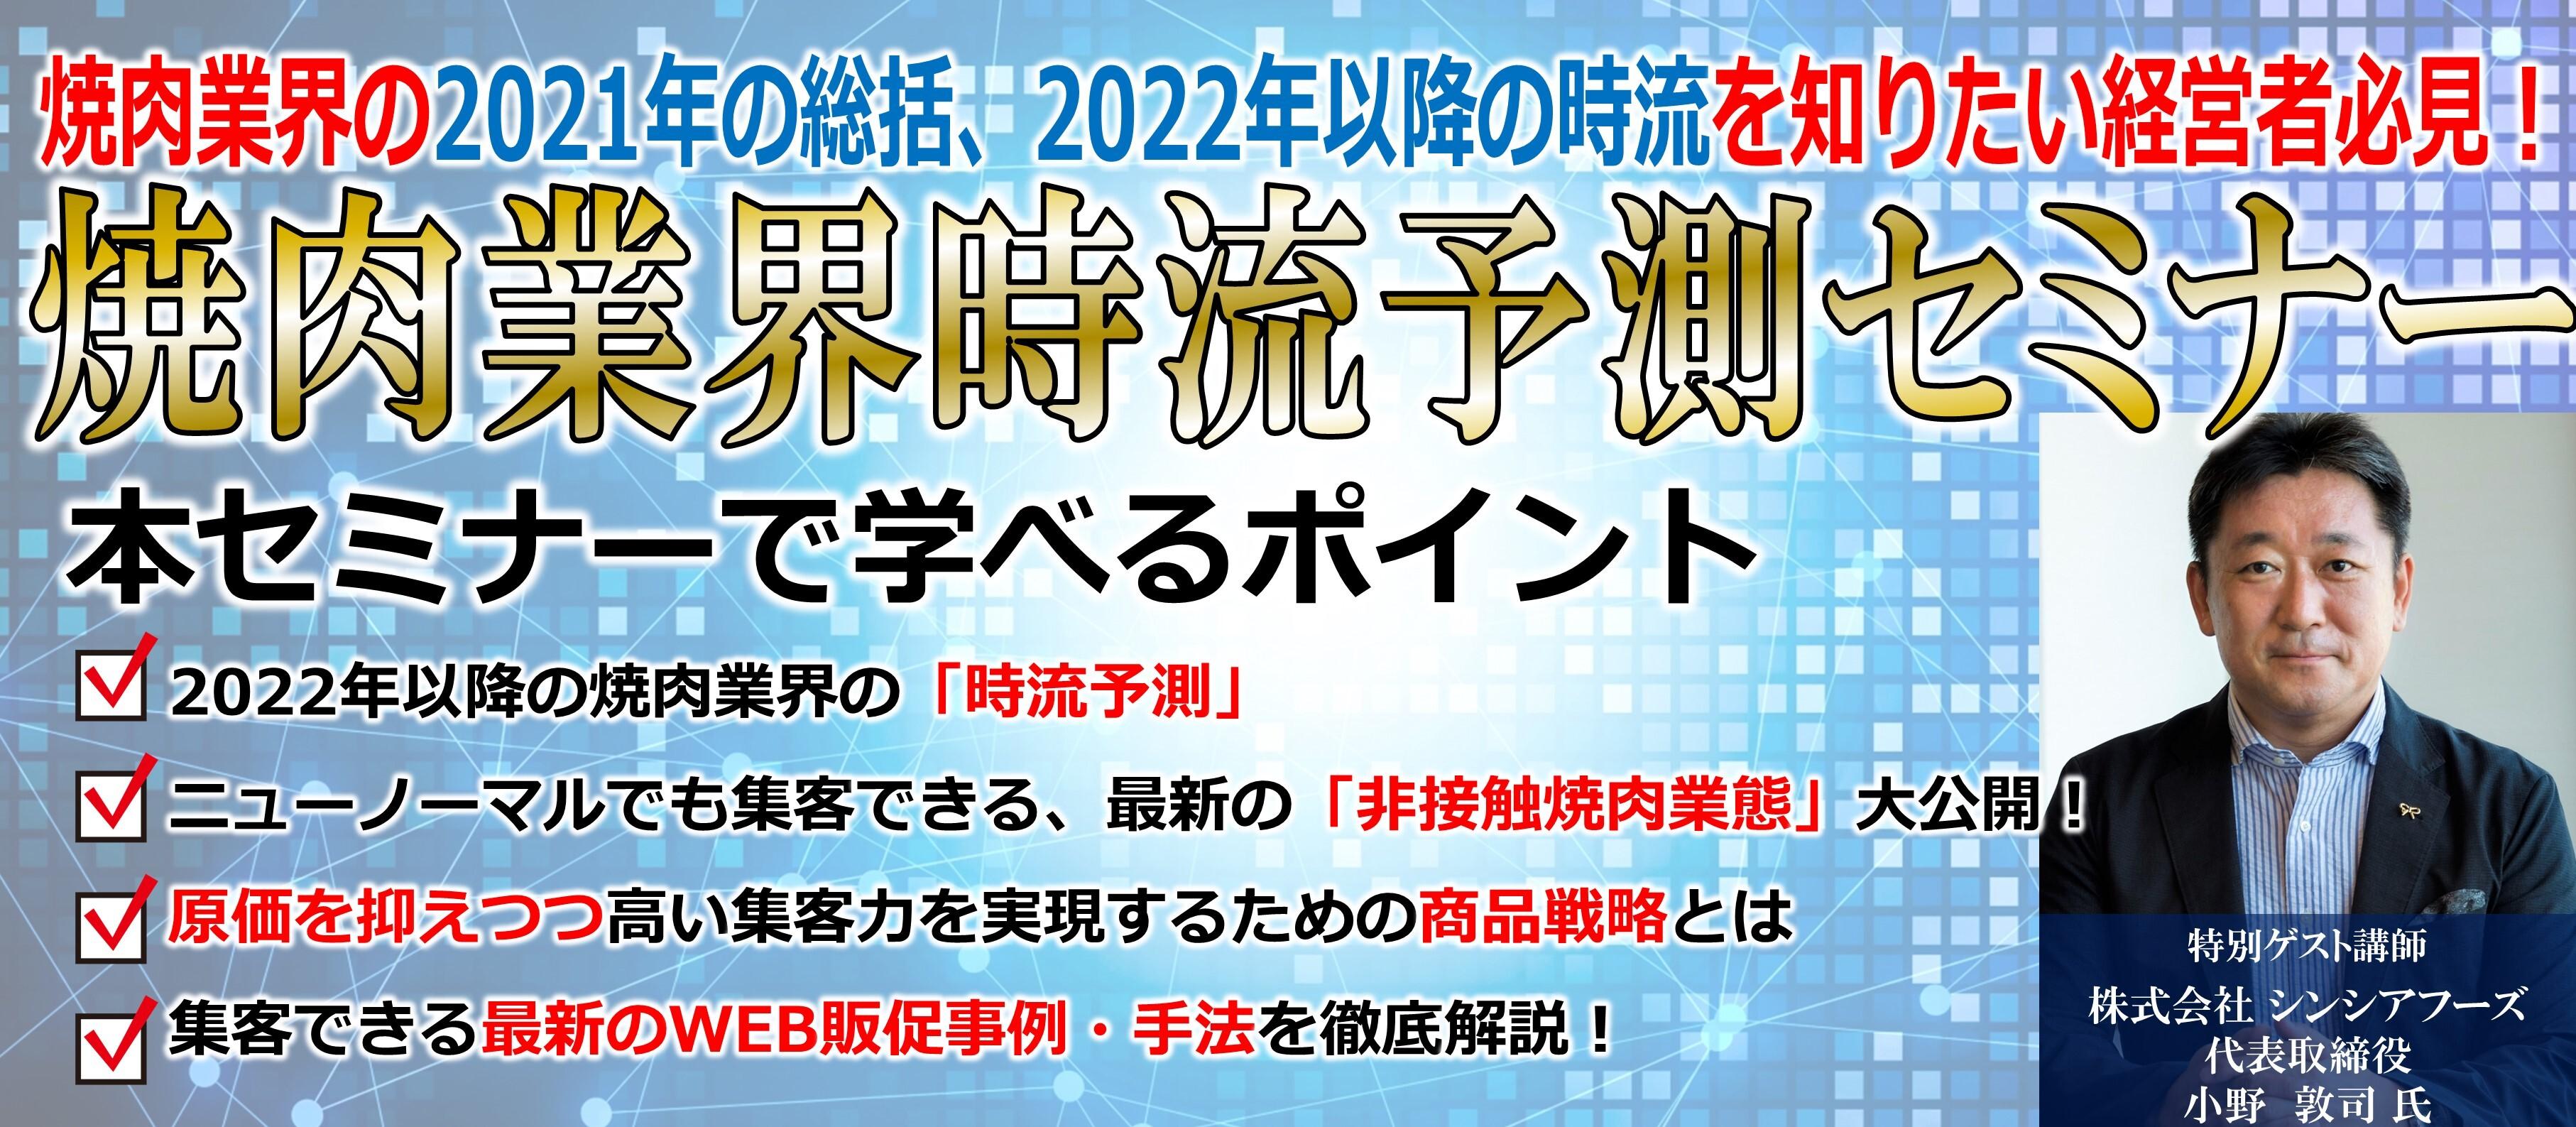 【2022年向け】焼肉業界時流予測セミナー